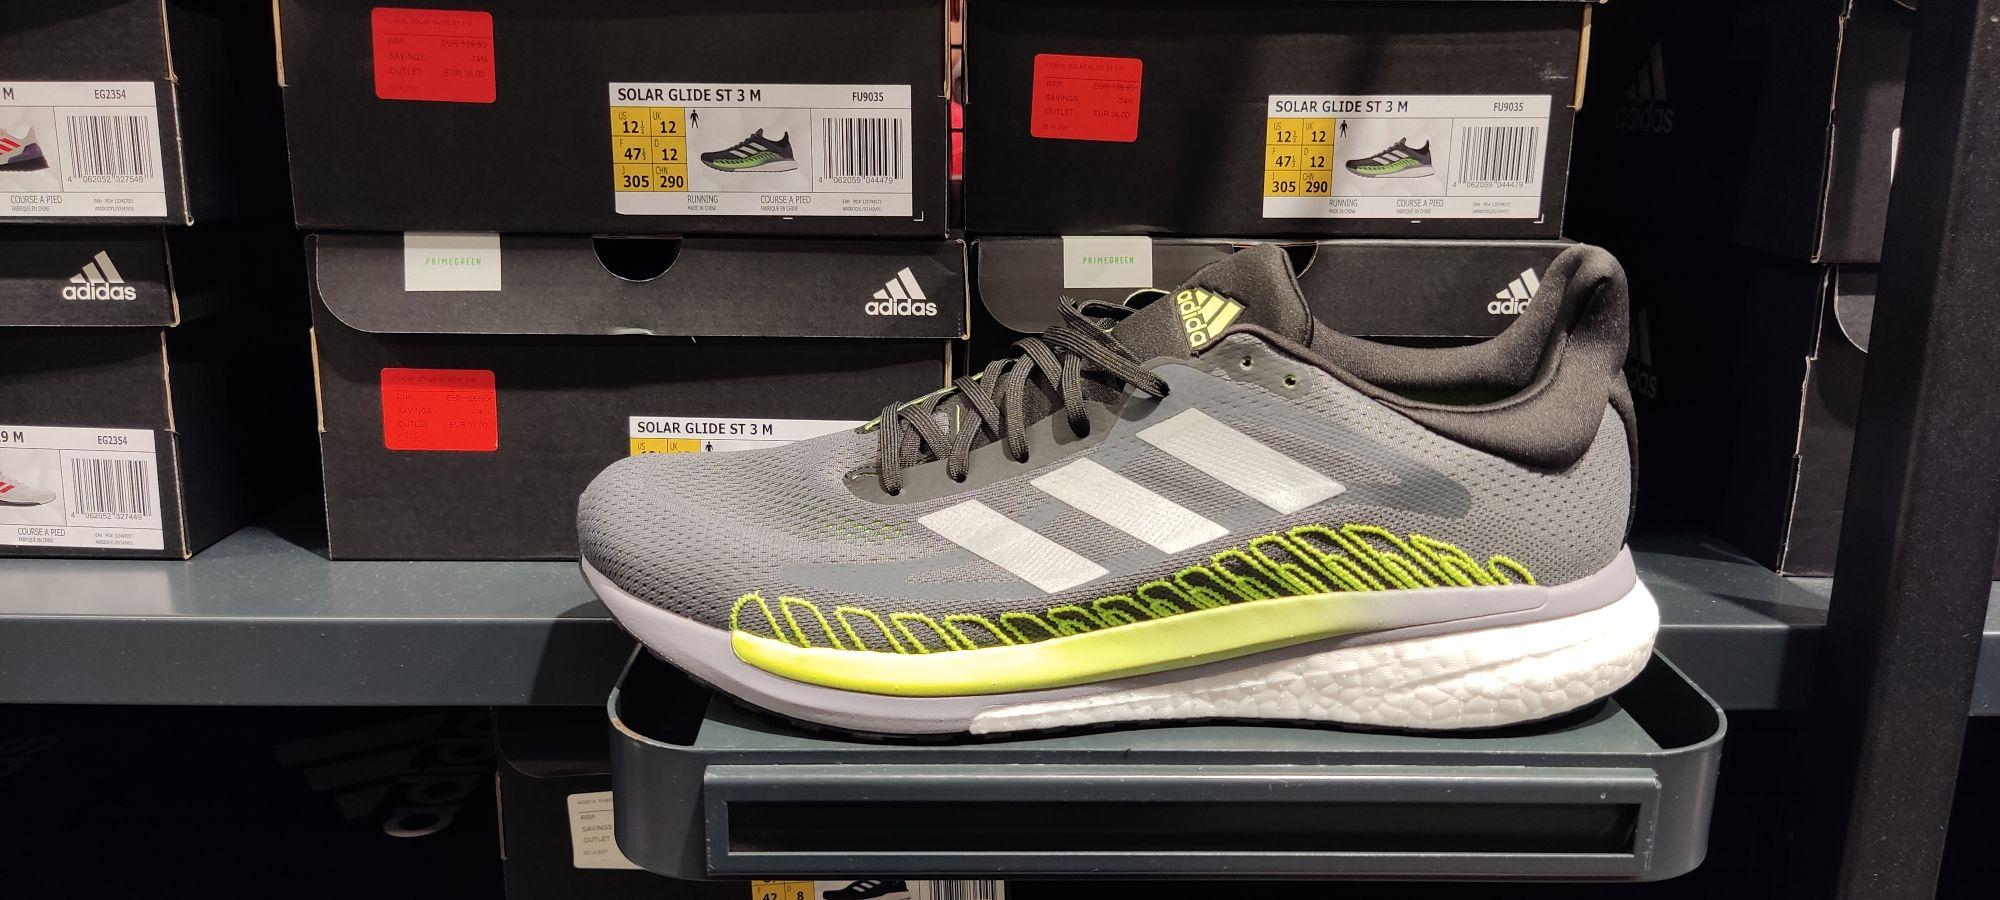 Zapatillas Adidas Solar Glide ST 3 47 1/3 Outlet Adidas Barakaldo